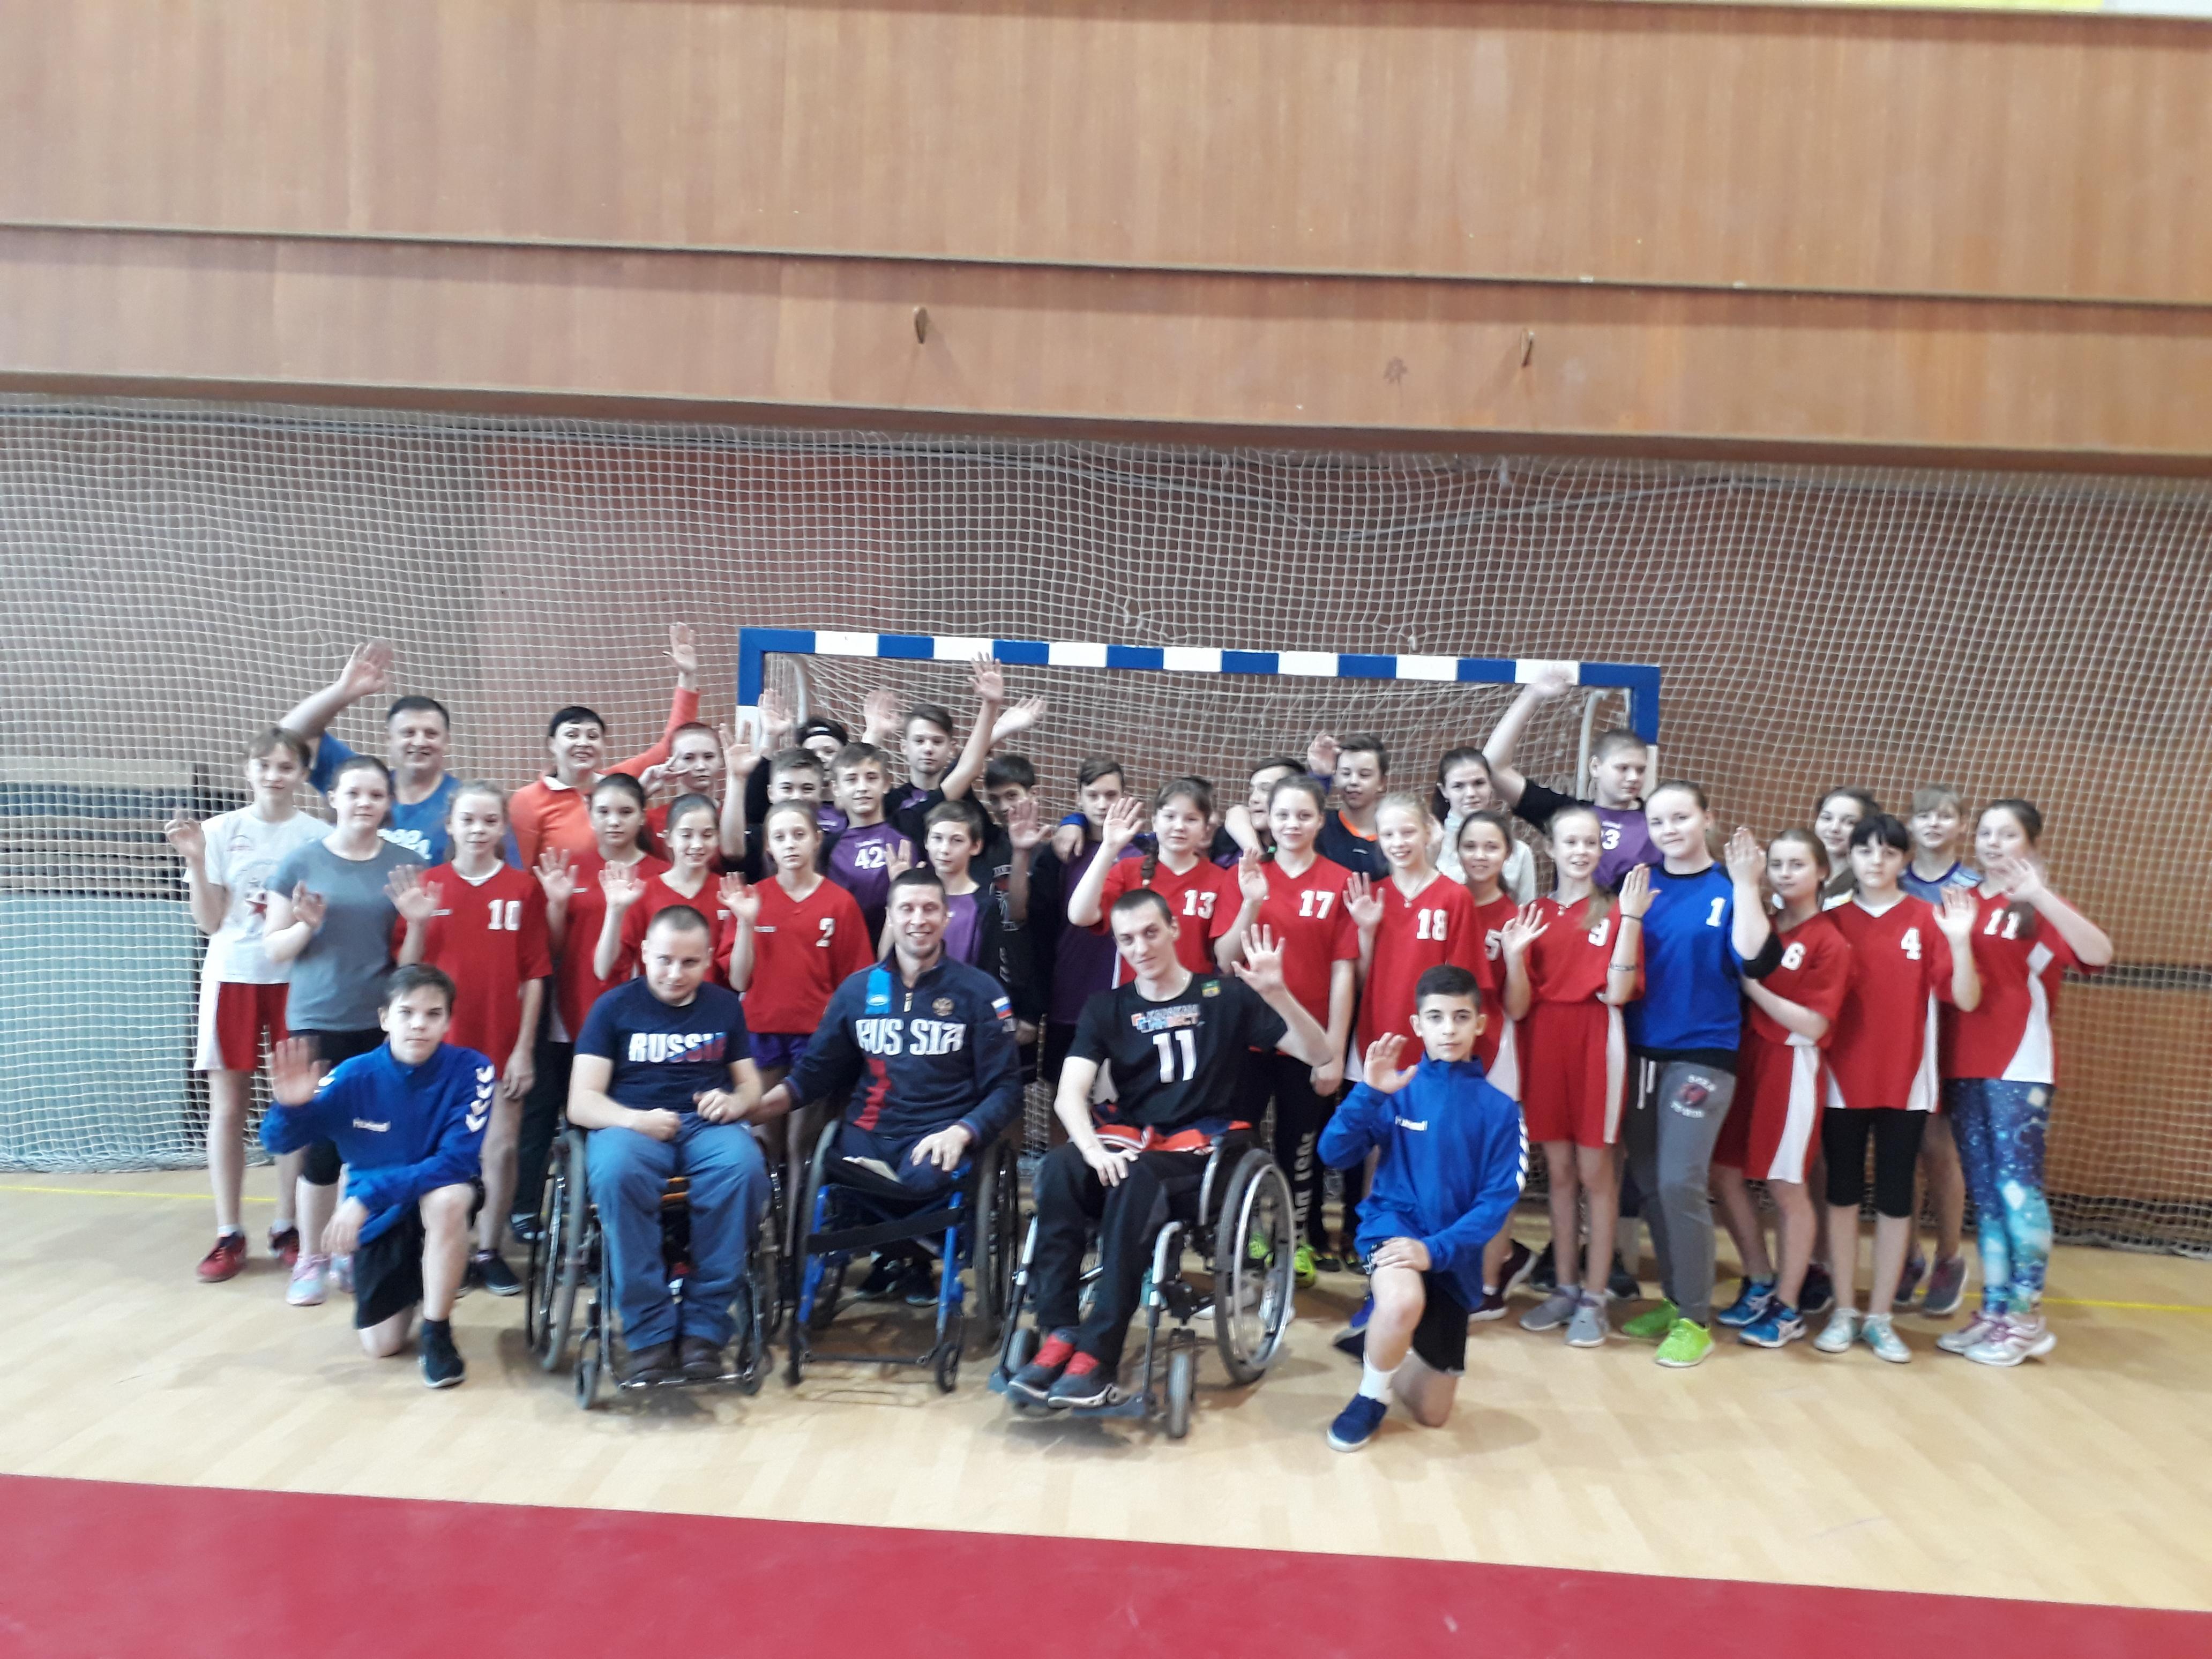 Встреча с победителями Чемпионата России по регби на колясках лиц с поражением опорно-двигательного аппарата